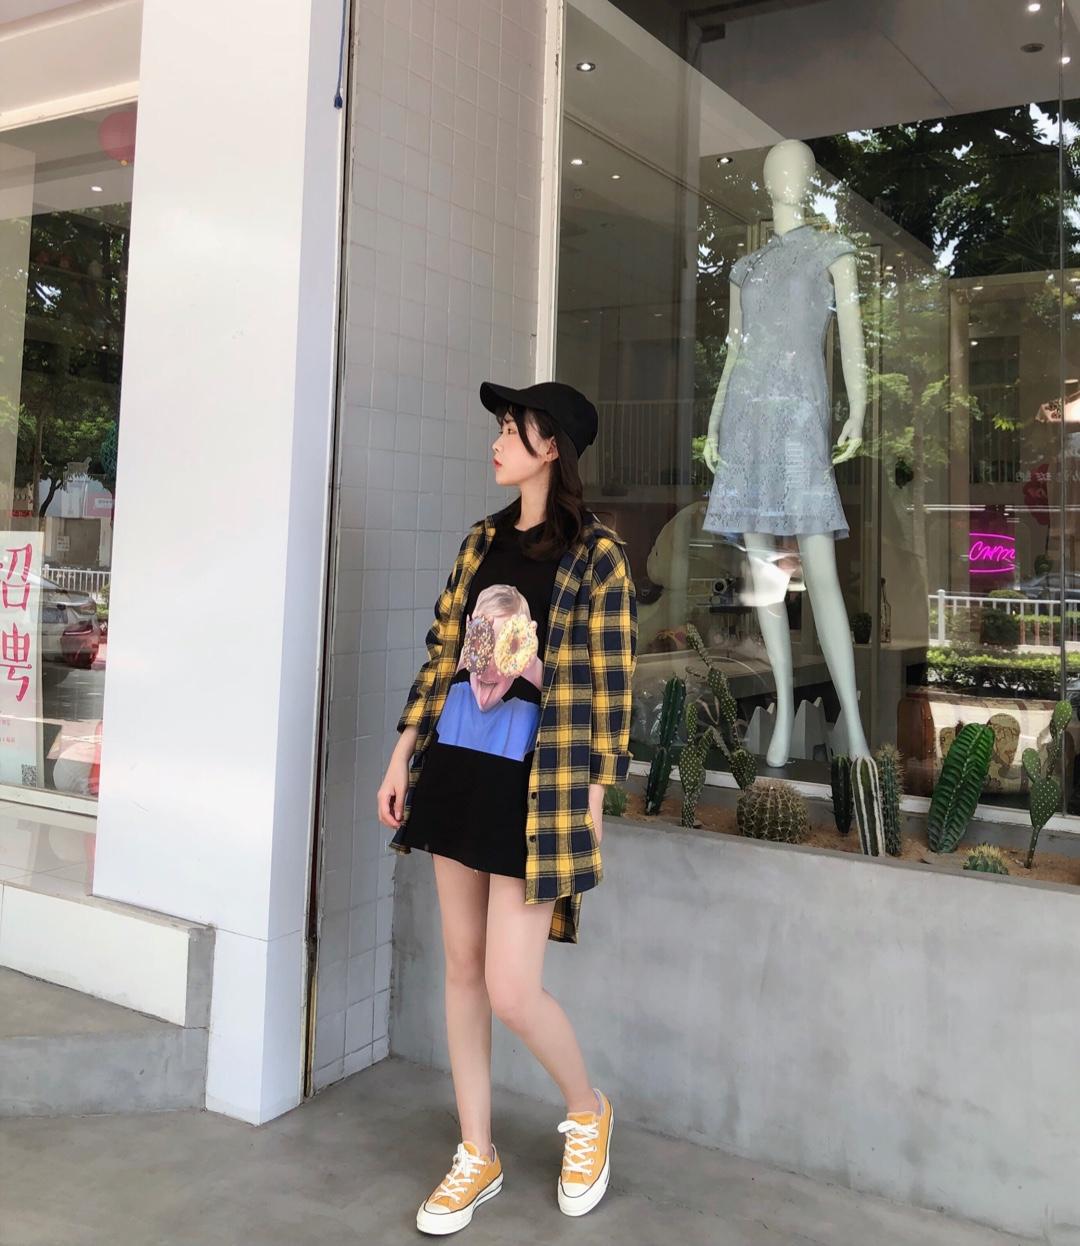 #日常时髦经:舒服最重要!#私服分享~韩国很火的甜甜圈t恤,到手迫不及待想分享出来,160 86斤小个子穿1码正好合身,盖过pp,面料质量也很棒不会软塌塌的,性价比超高的潮牌t~